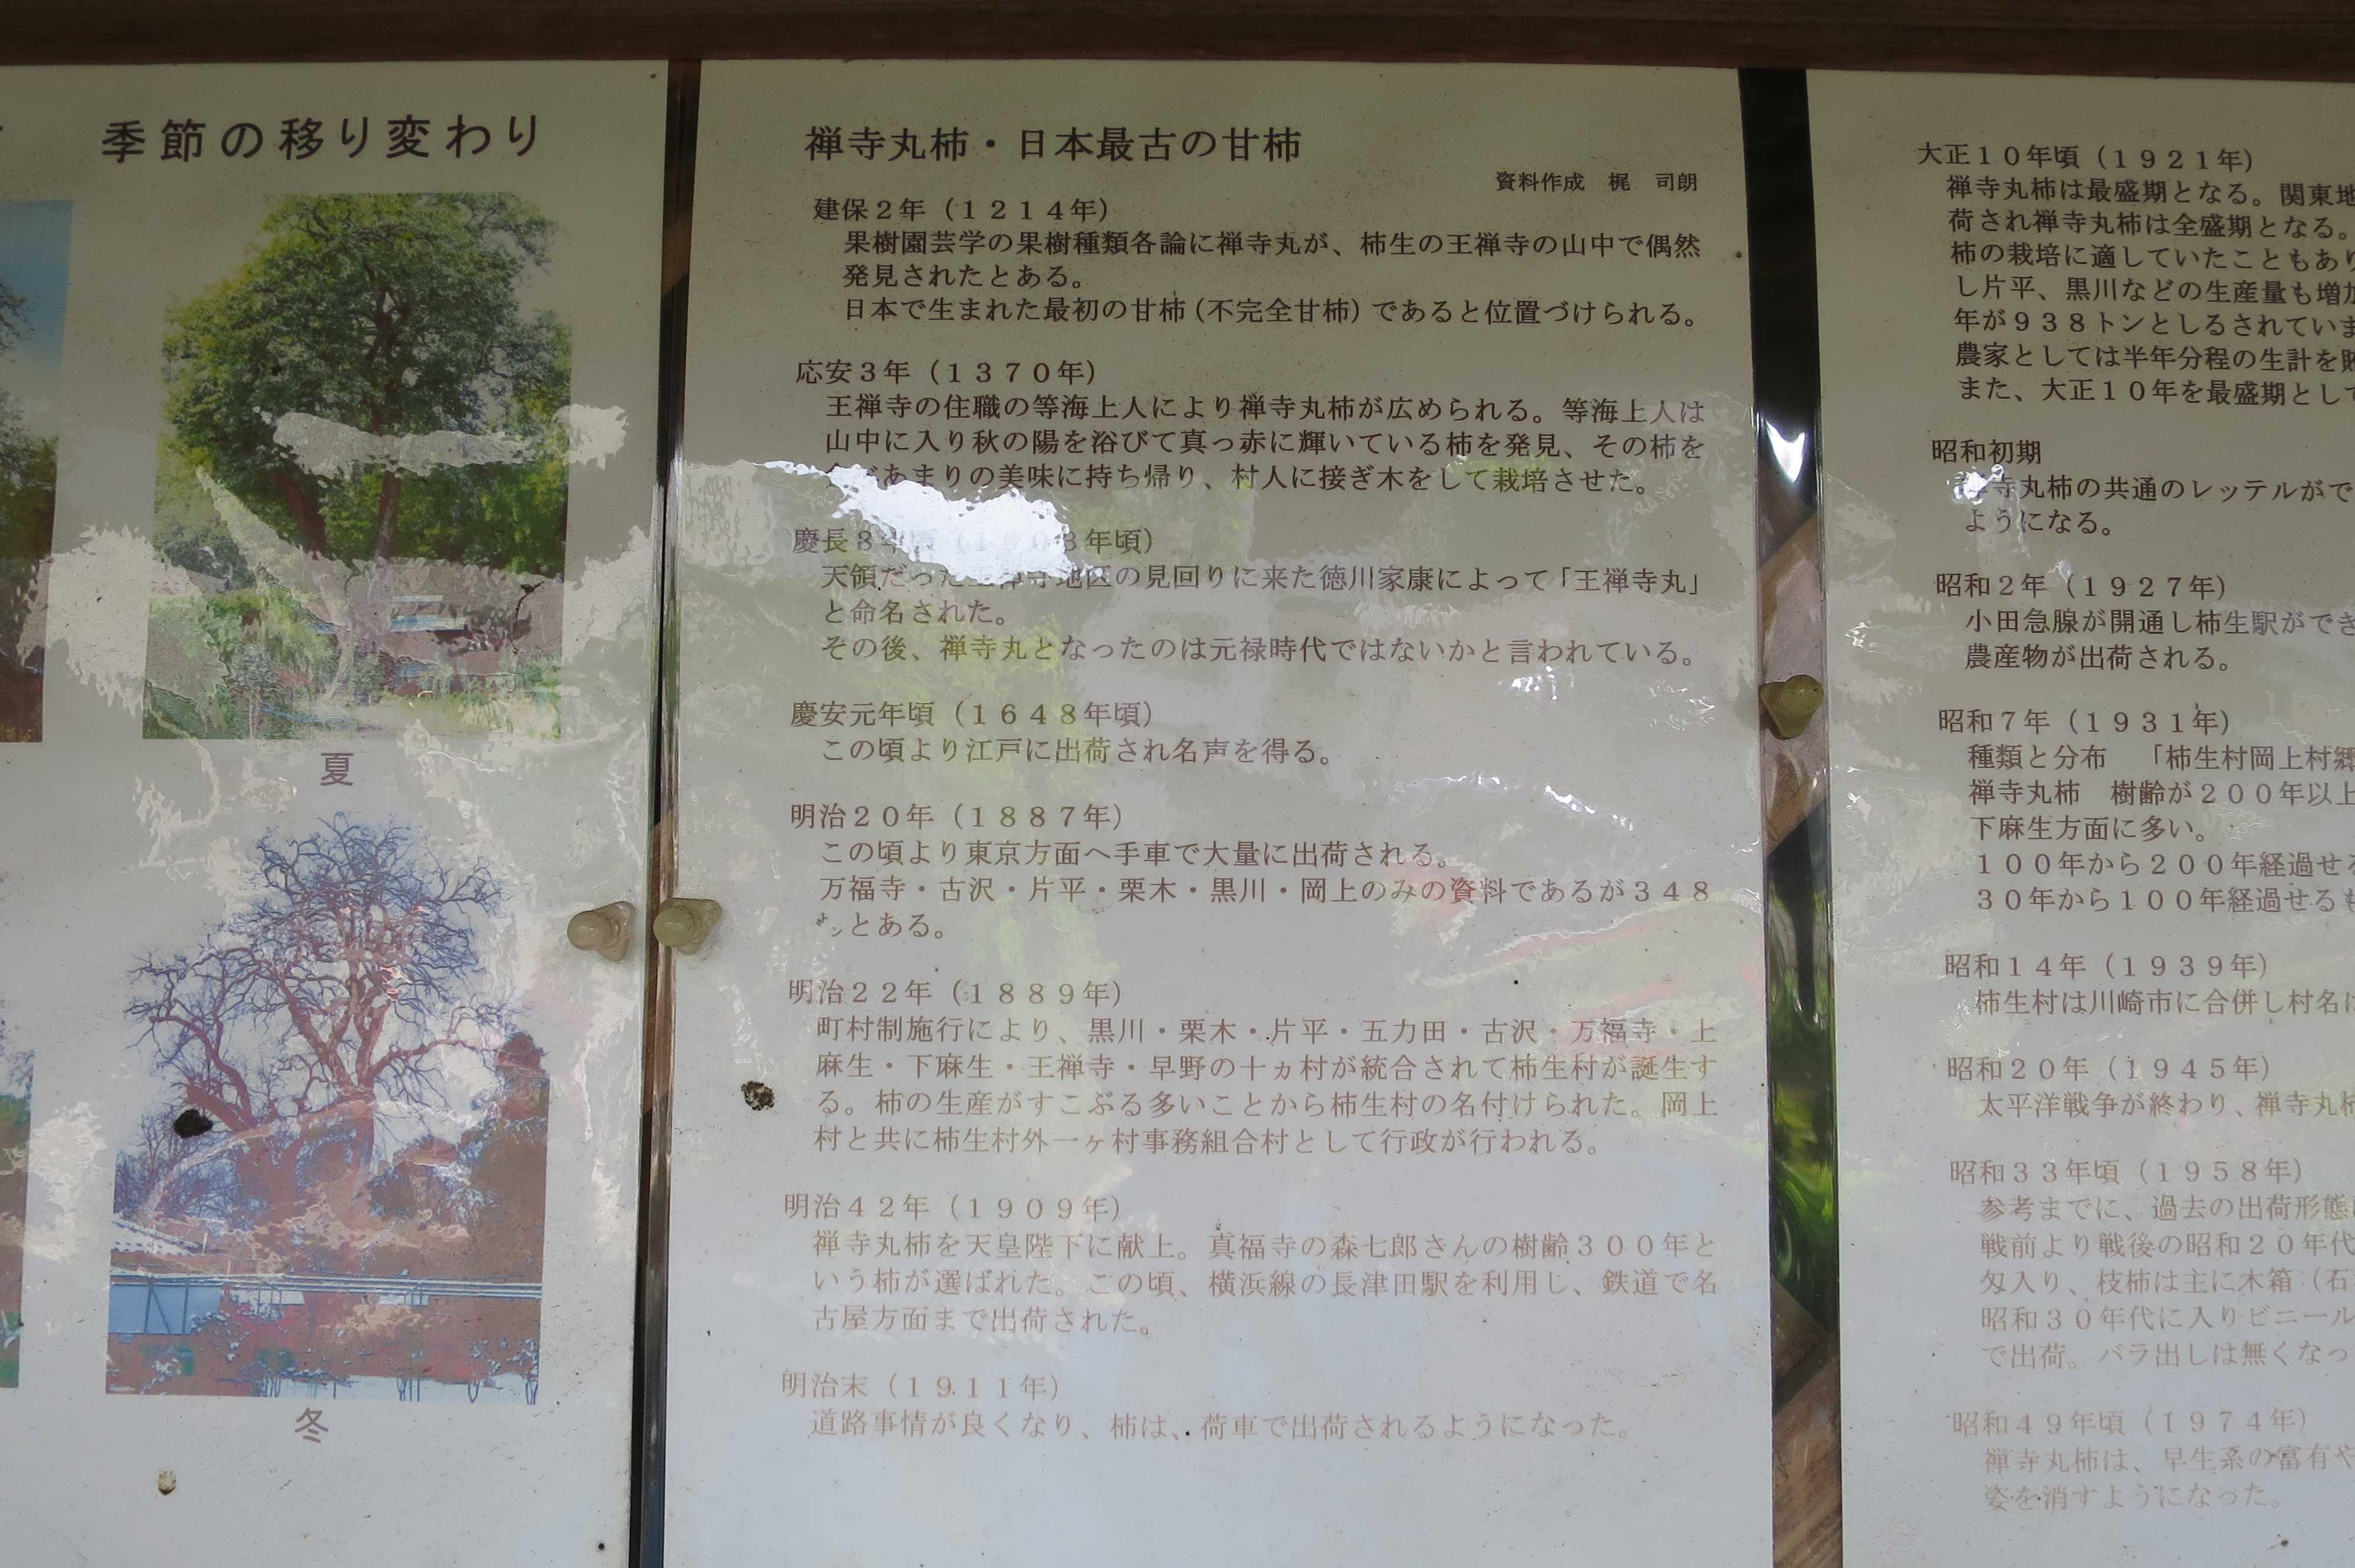 国登録記念物 - 禅寺丸柿・日本最古の甘柿